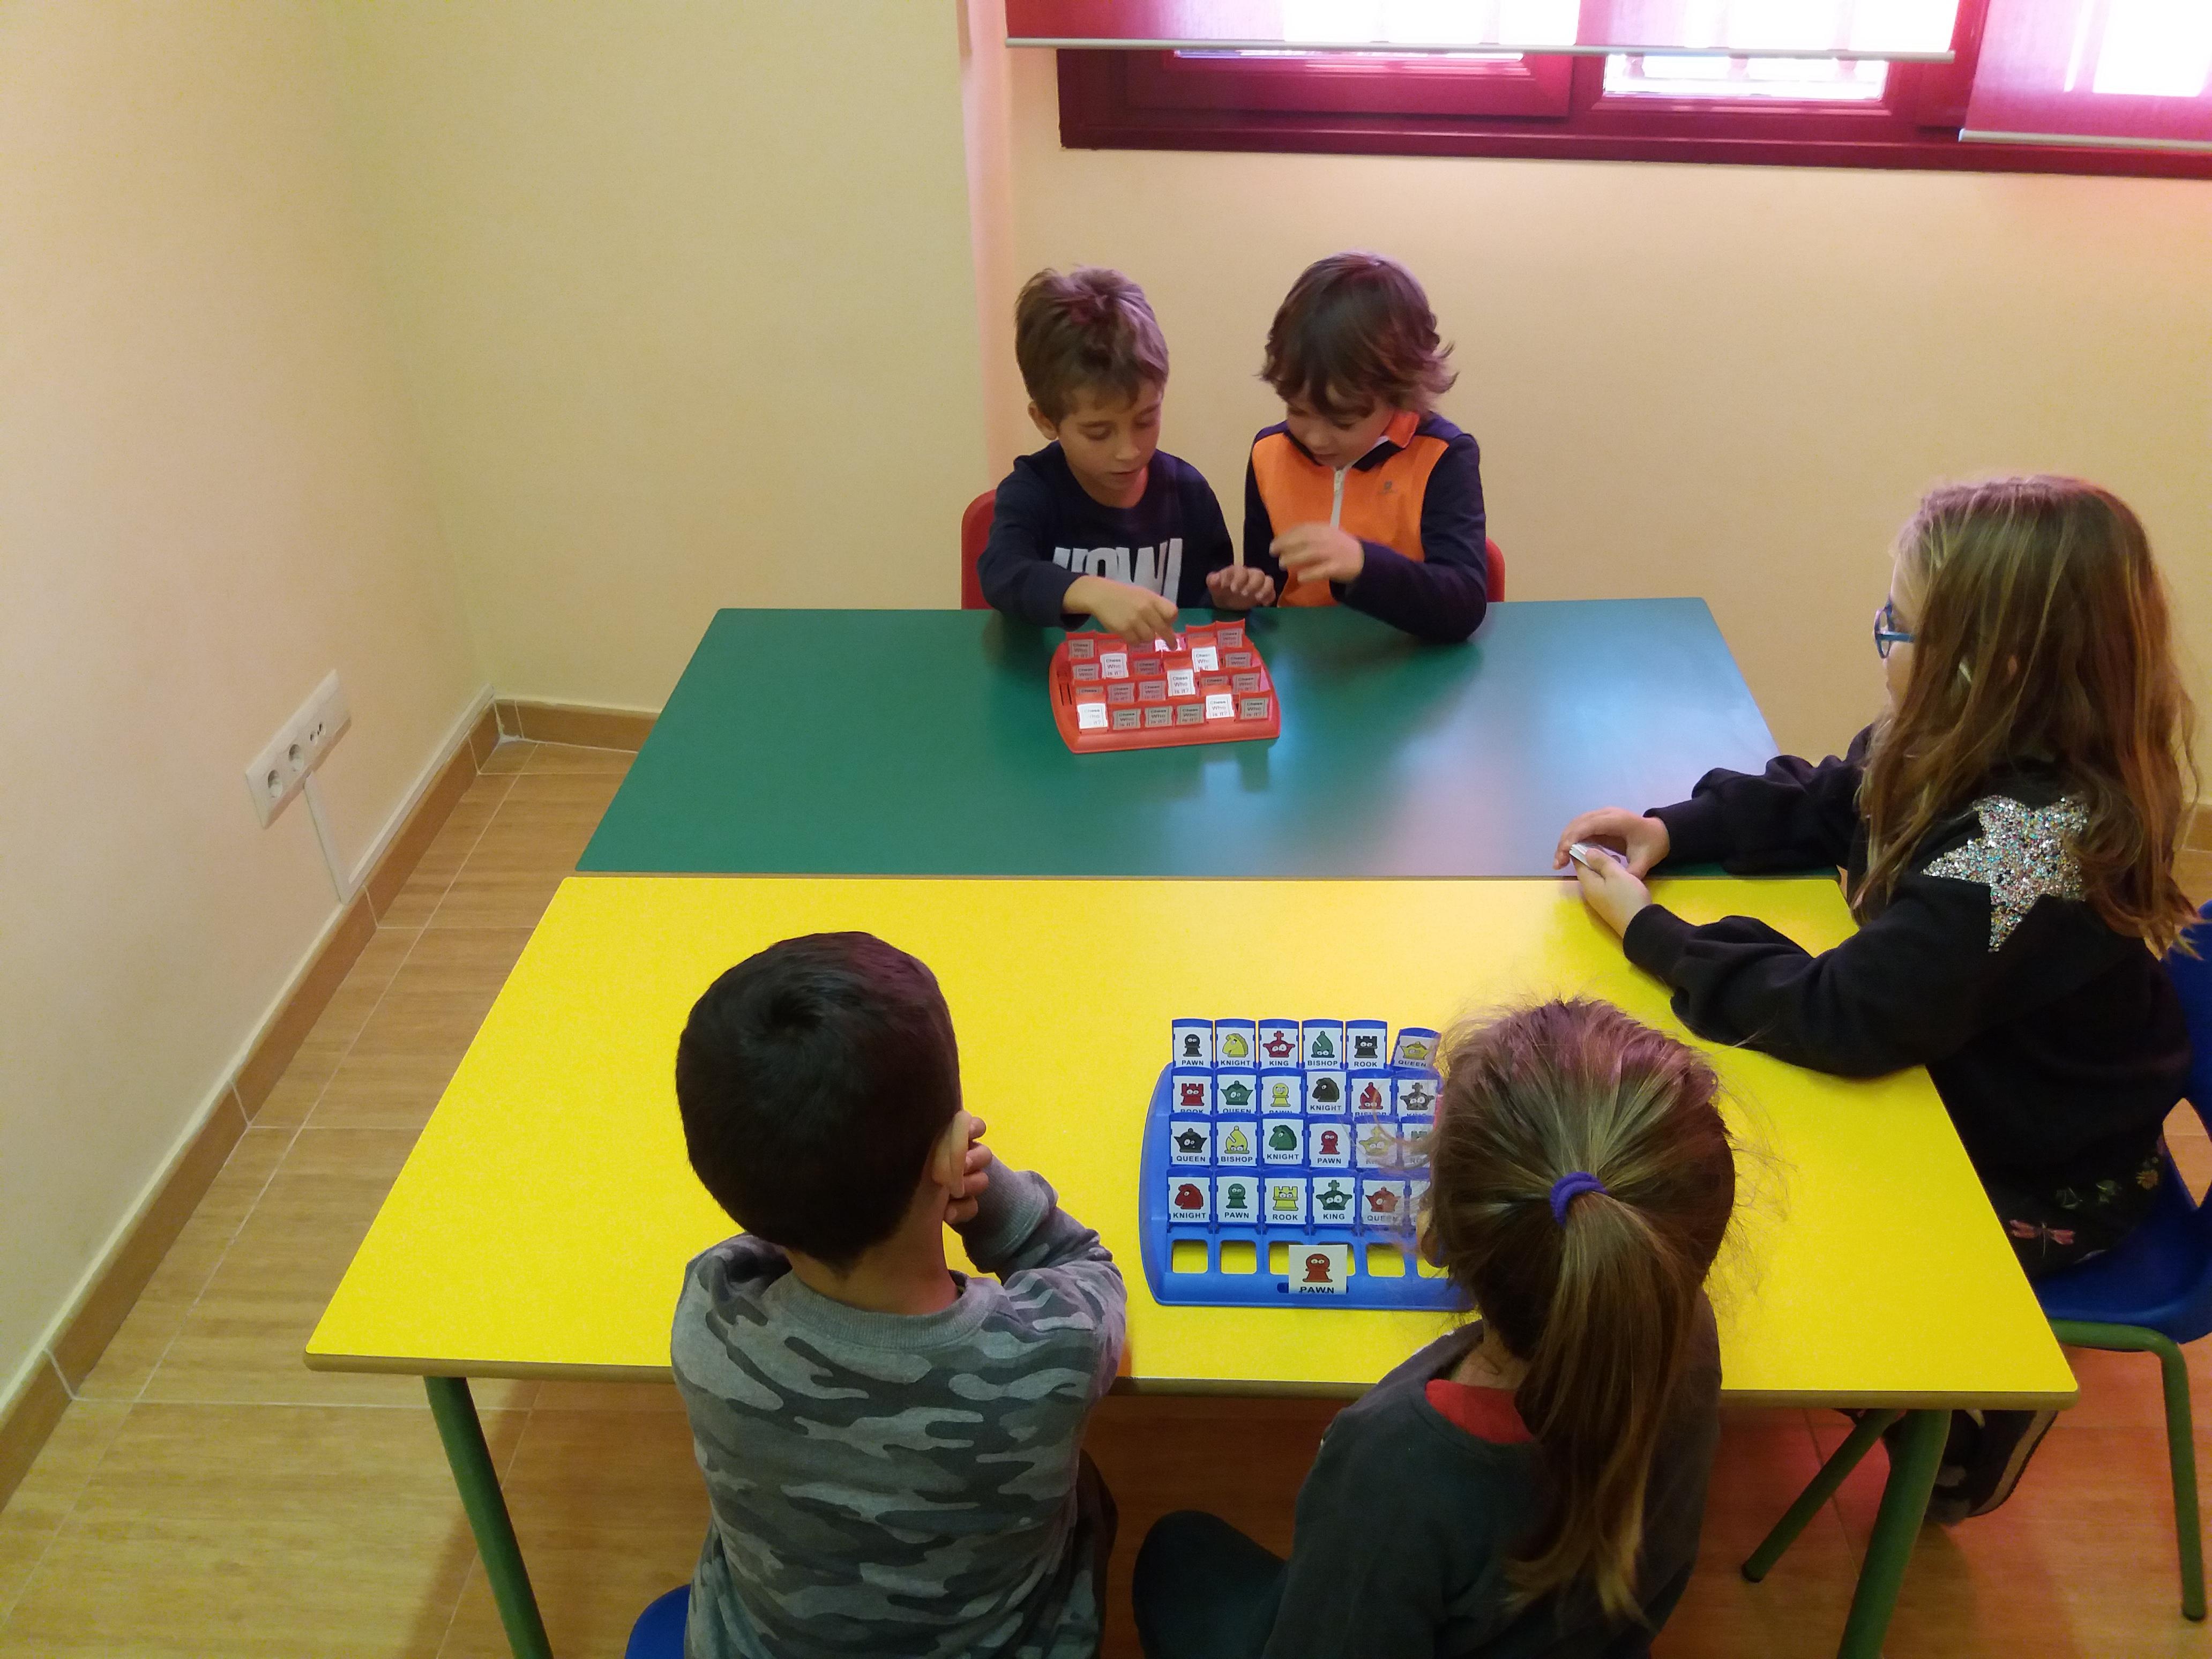 niños jugando al quien es quien1